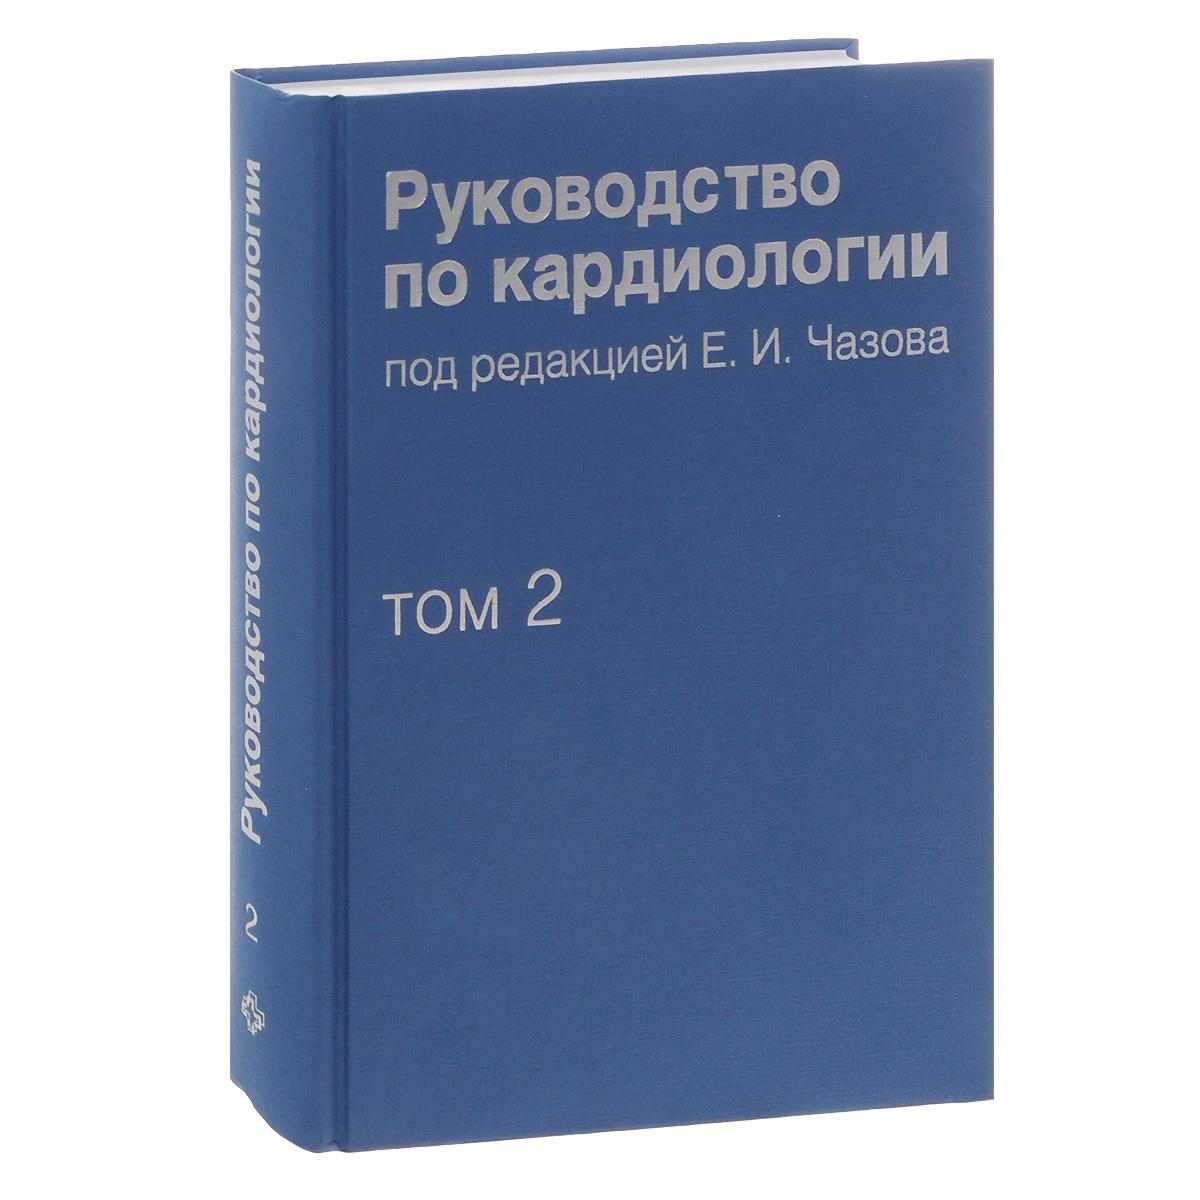 Руководство по кардиологии. В 4 томах. Том 2. Методы диагностики сердечно-сосудистых заболеваний